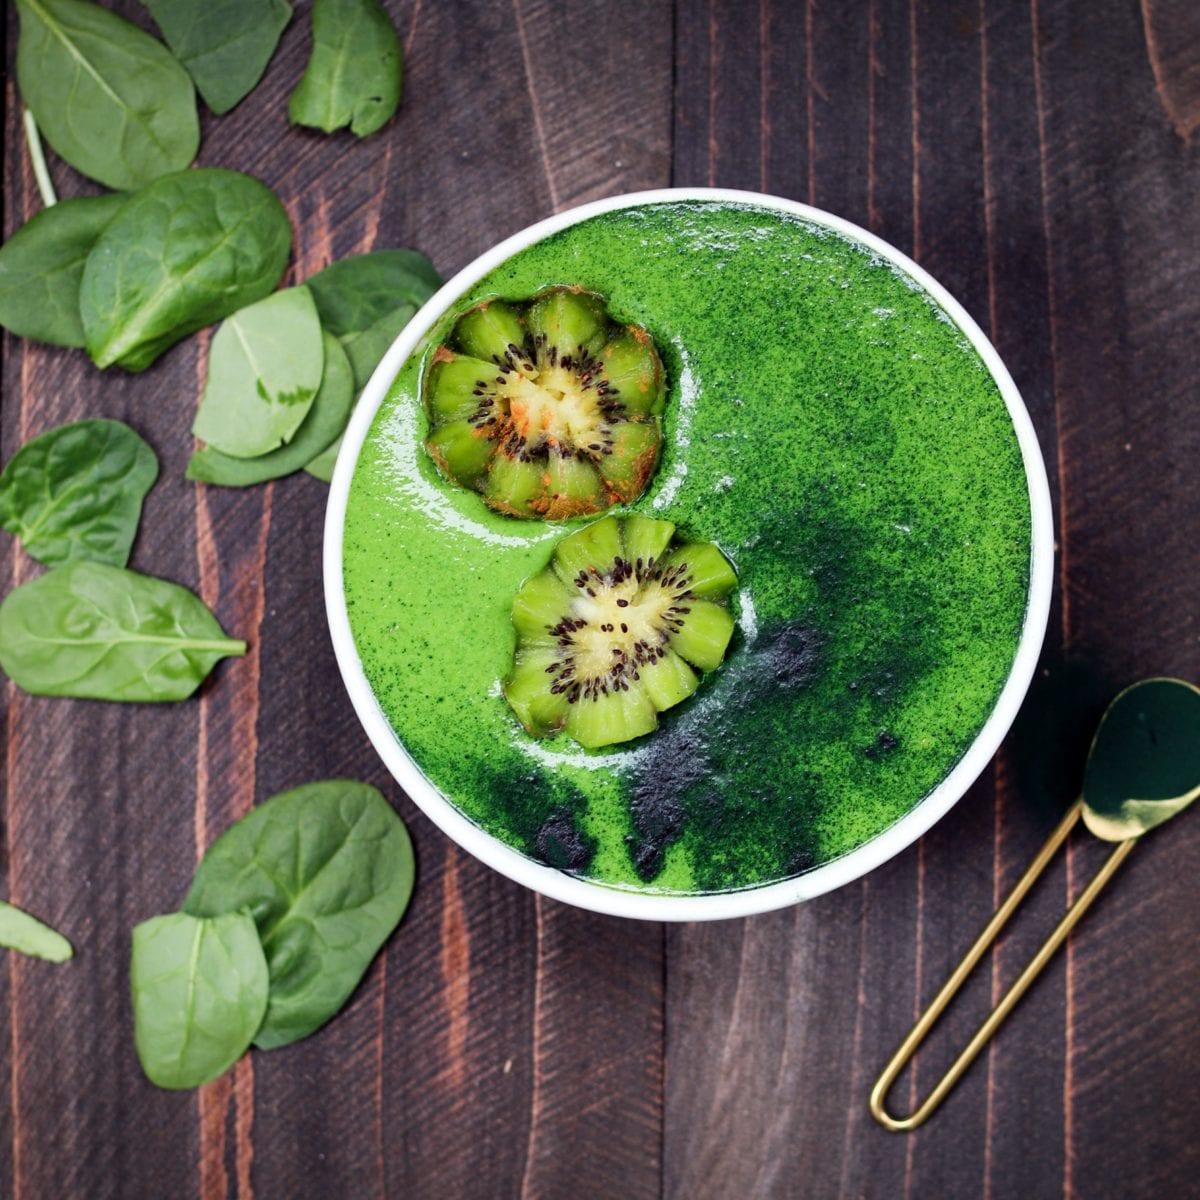 Gorgeous green smoothie